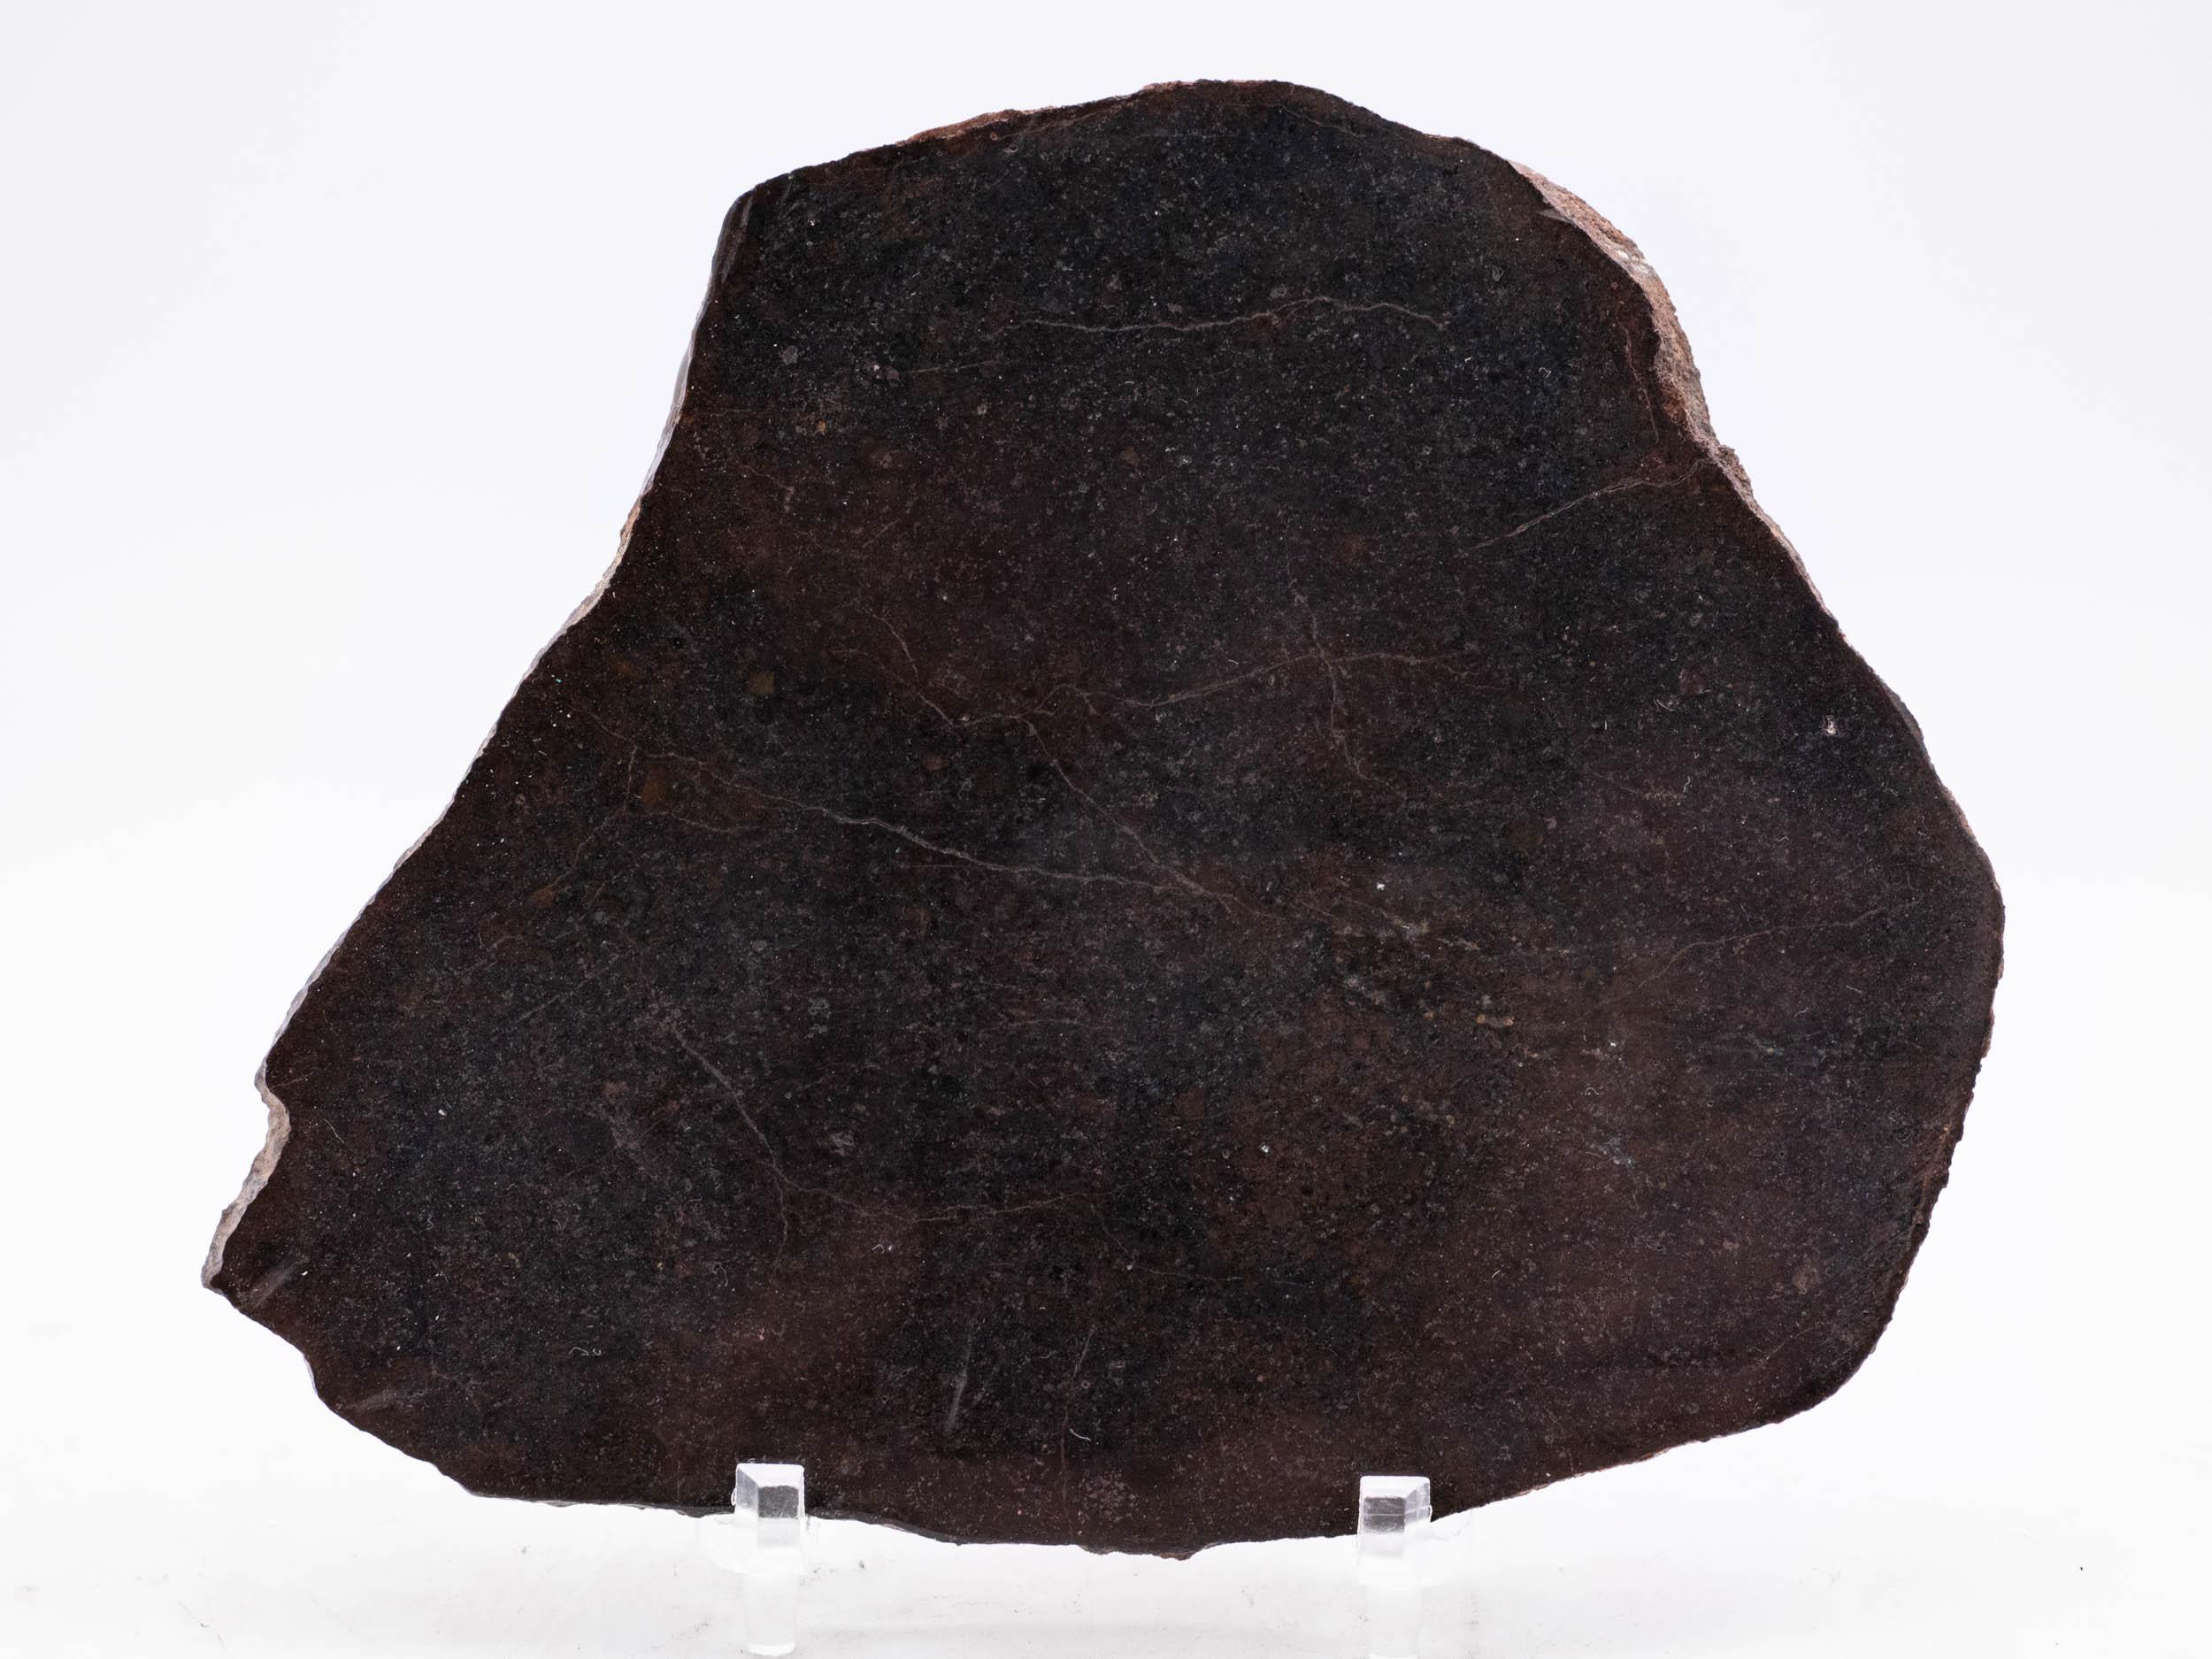 stone meteorite 138g